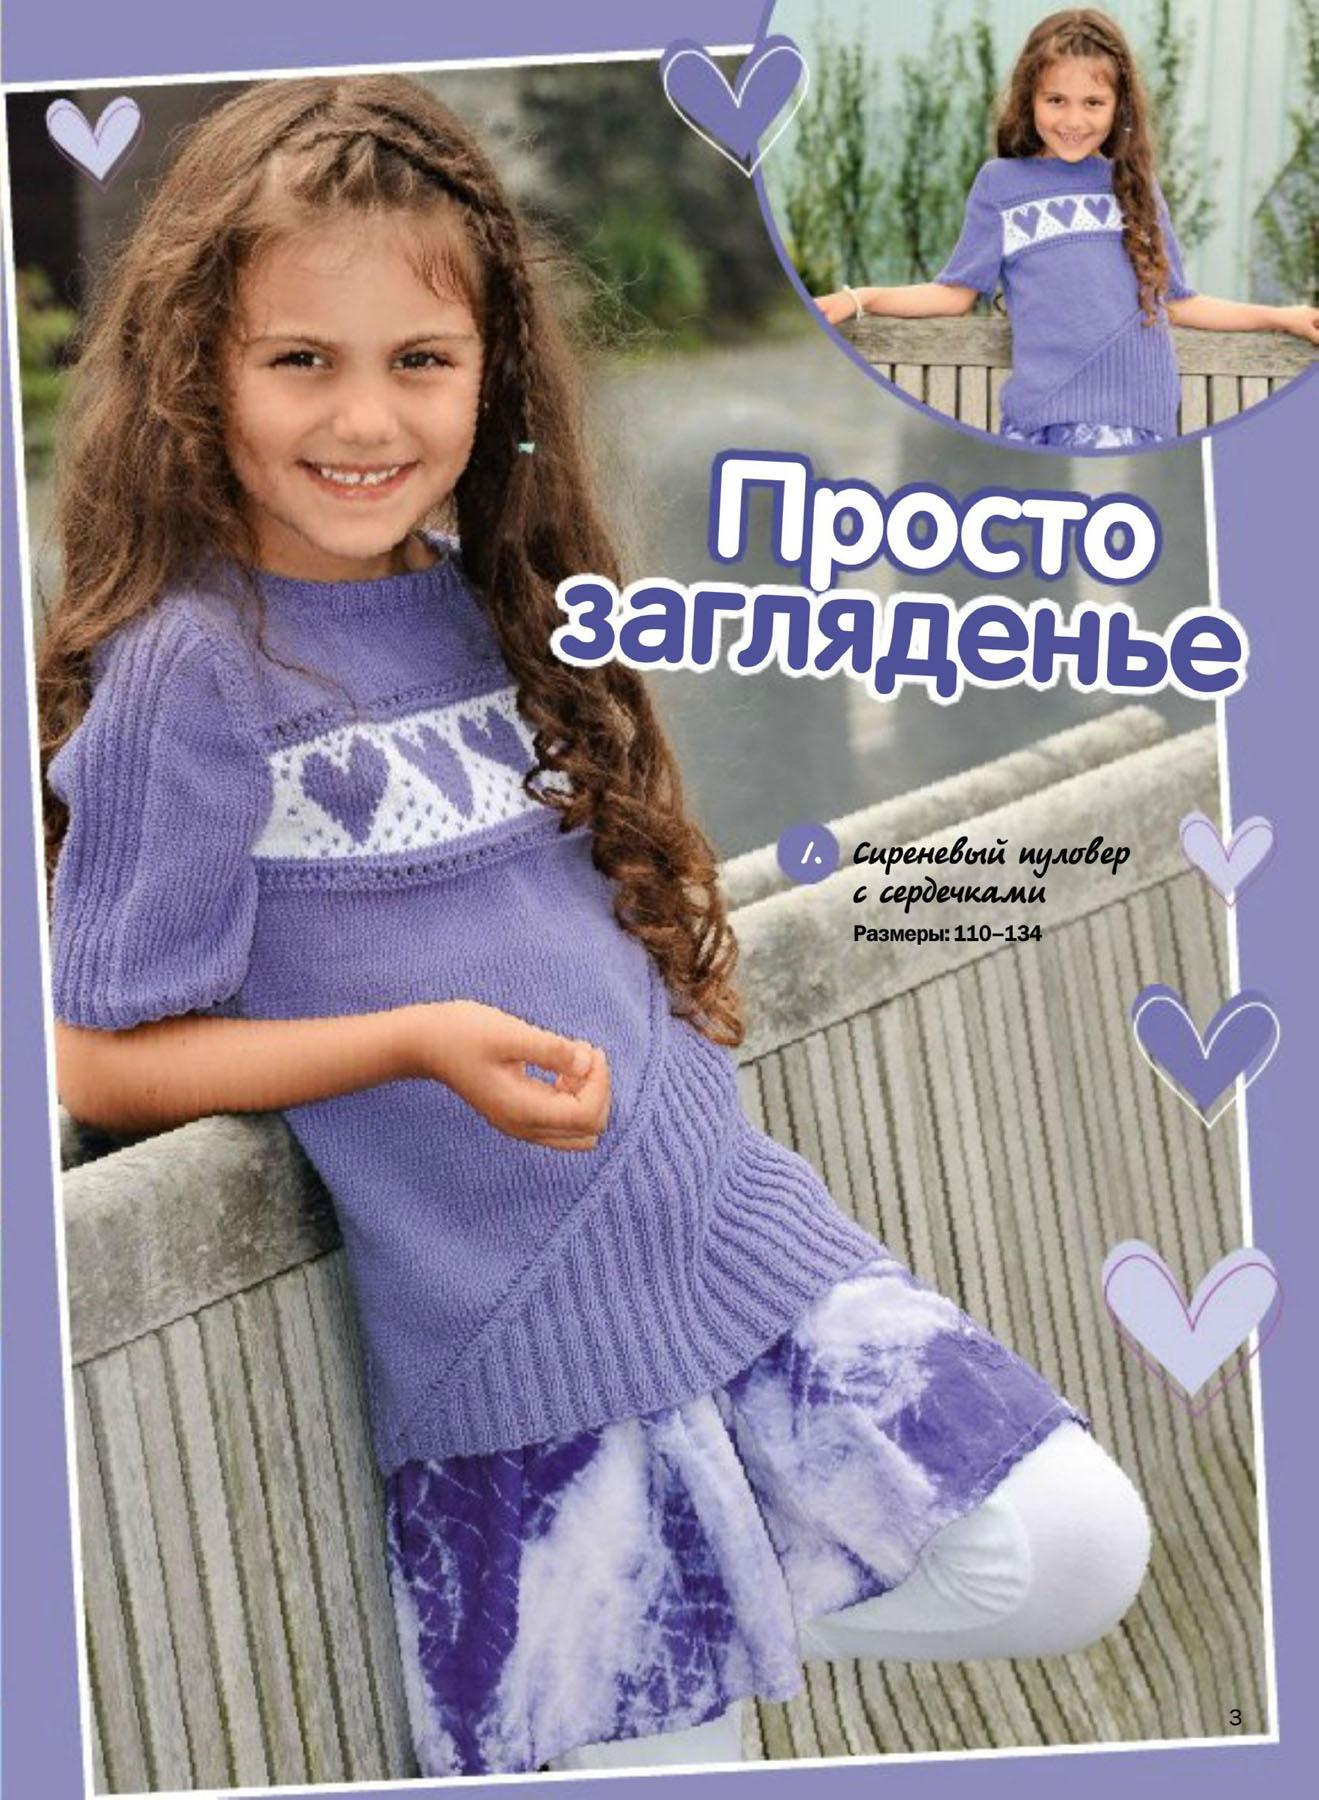 Как вязать кофту для девочки 7 лет